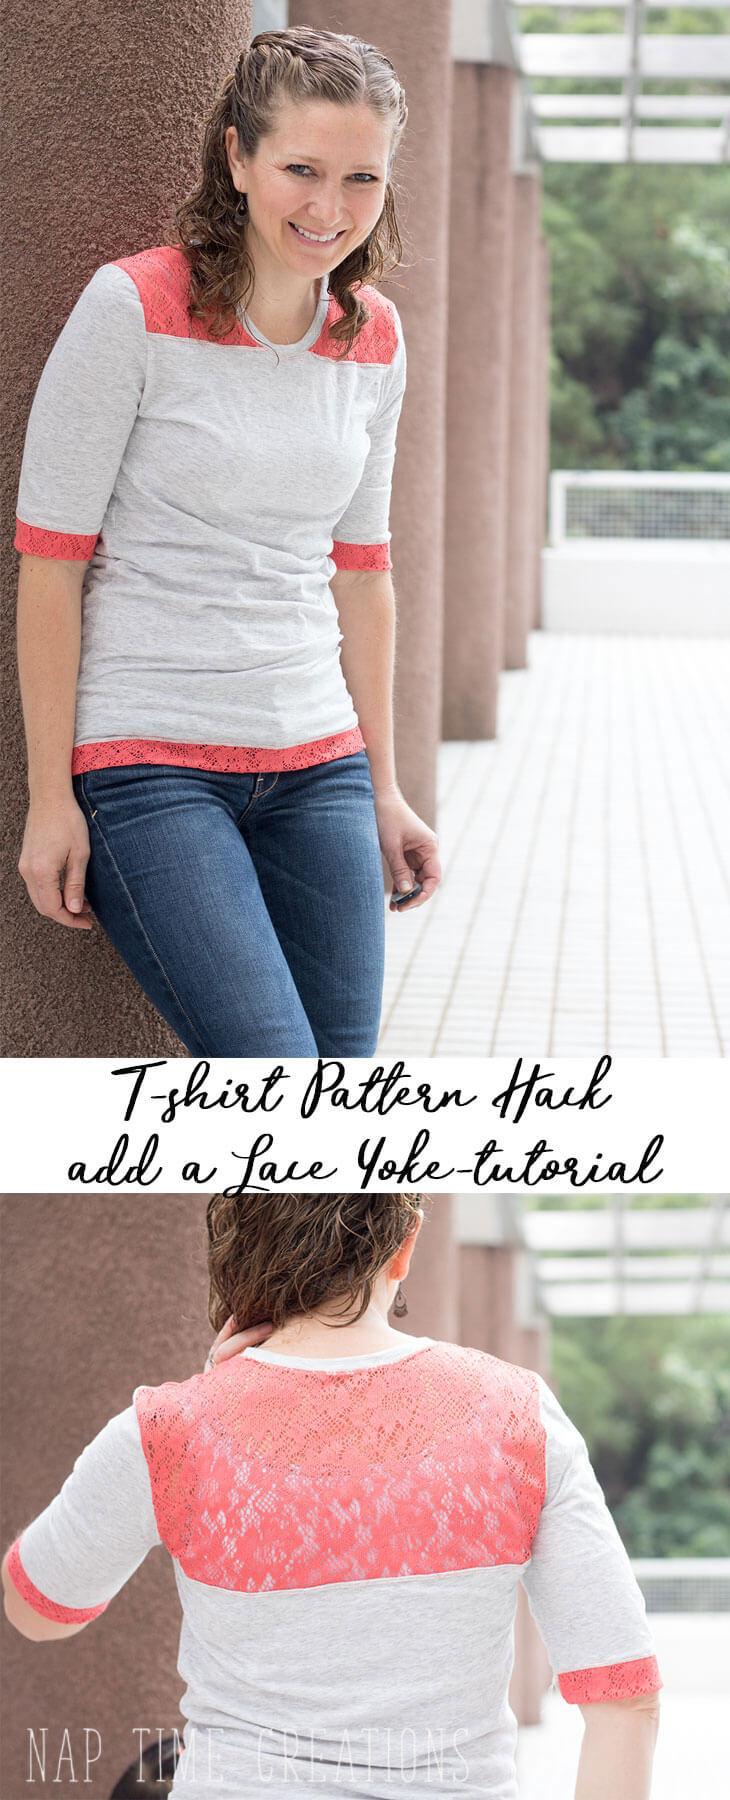 lace yoke shirt tutorial